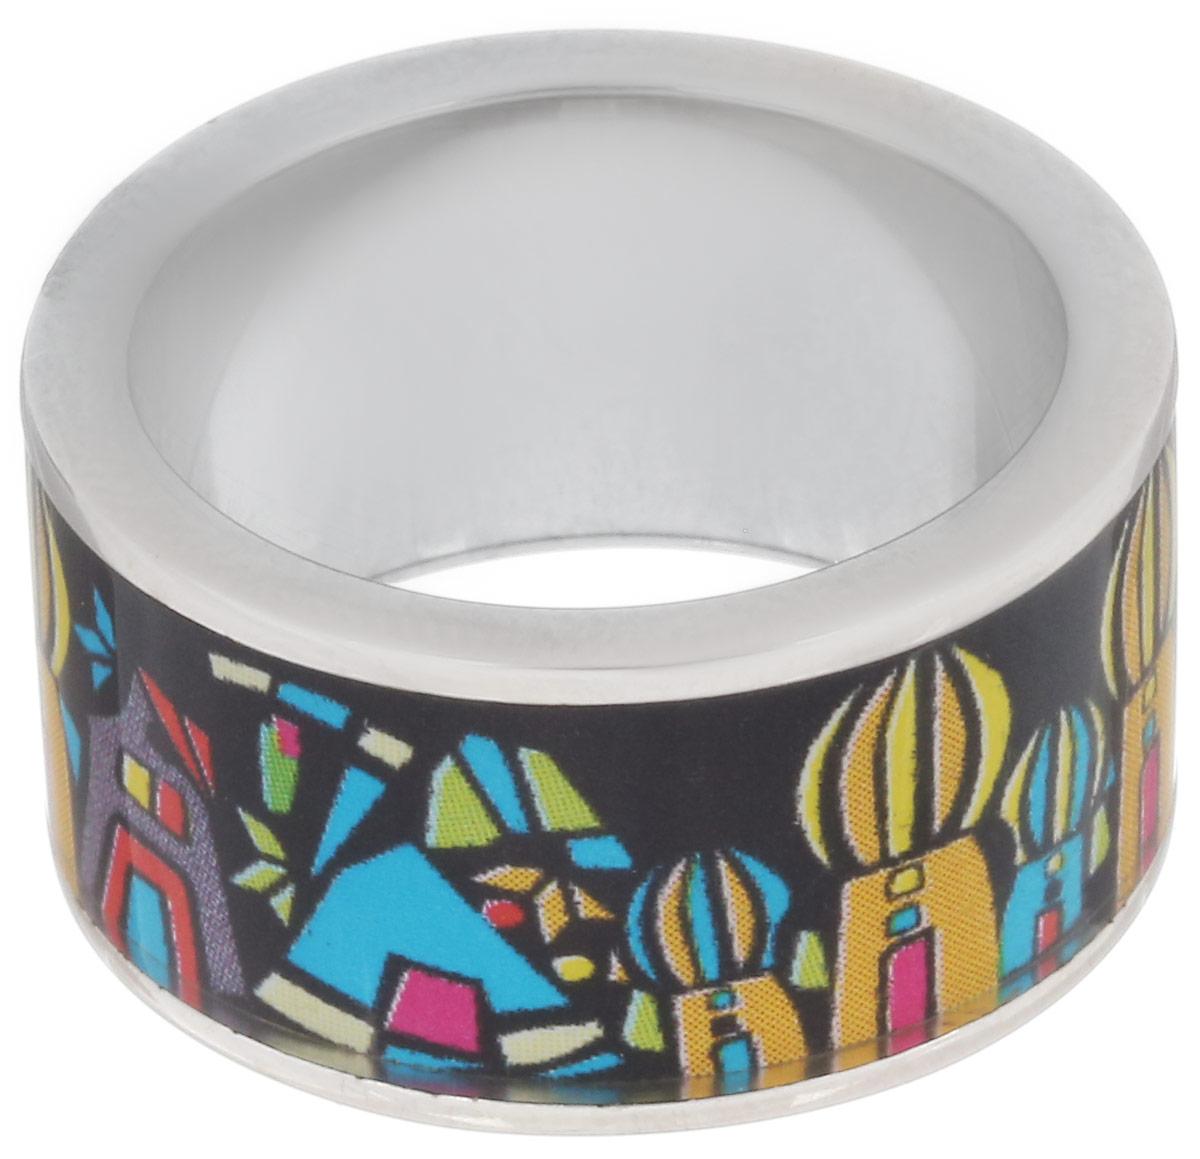 Кольцо Art-Silver, цвет: серебристый, черный, желтый. ФК106-1-320. Размер 18,5ФК106-1-320Стильное кольцо Art-Silver изготовлено из бижутерного сплава. Изделие оформлено оригинальным принтом и покрыто эмалью. Стильное кольцо придаст вашему образу изюминку и подчеркнет индивидуальность.